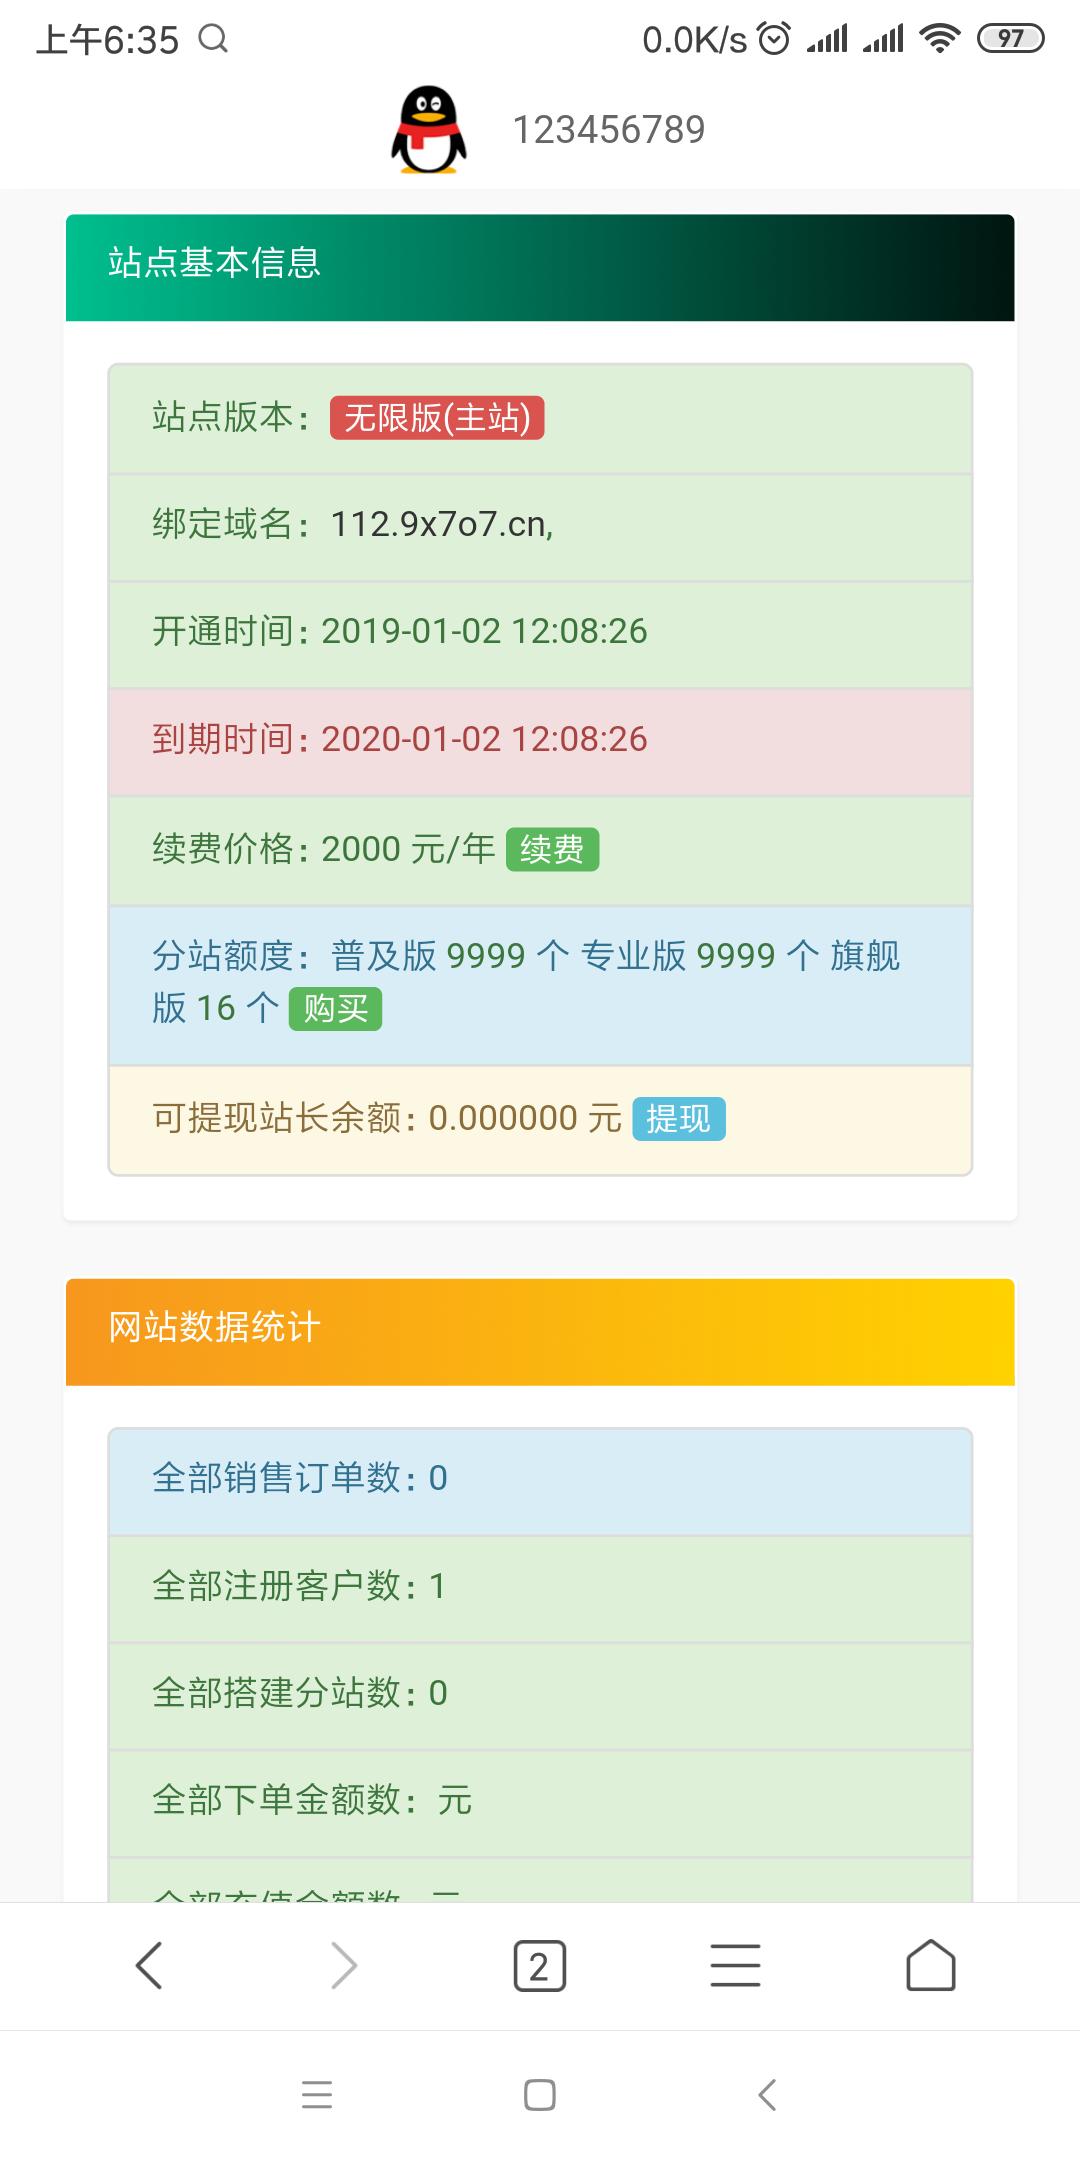 高仿亿乐社区系统4.1